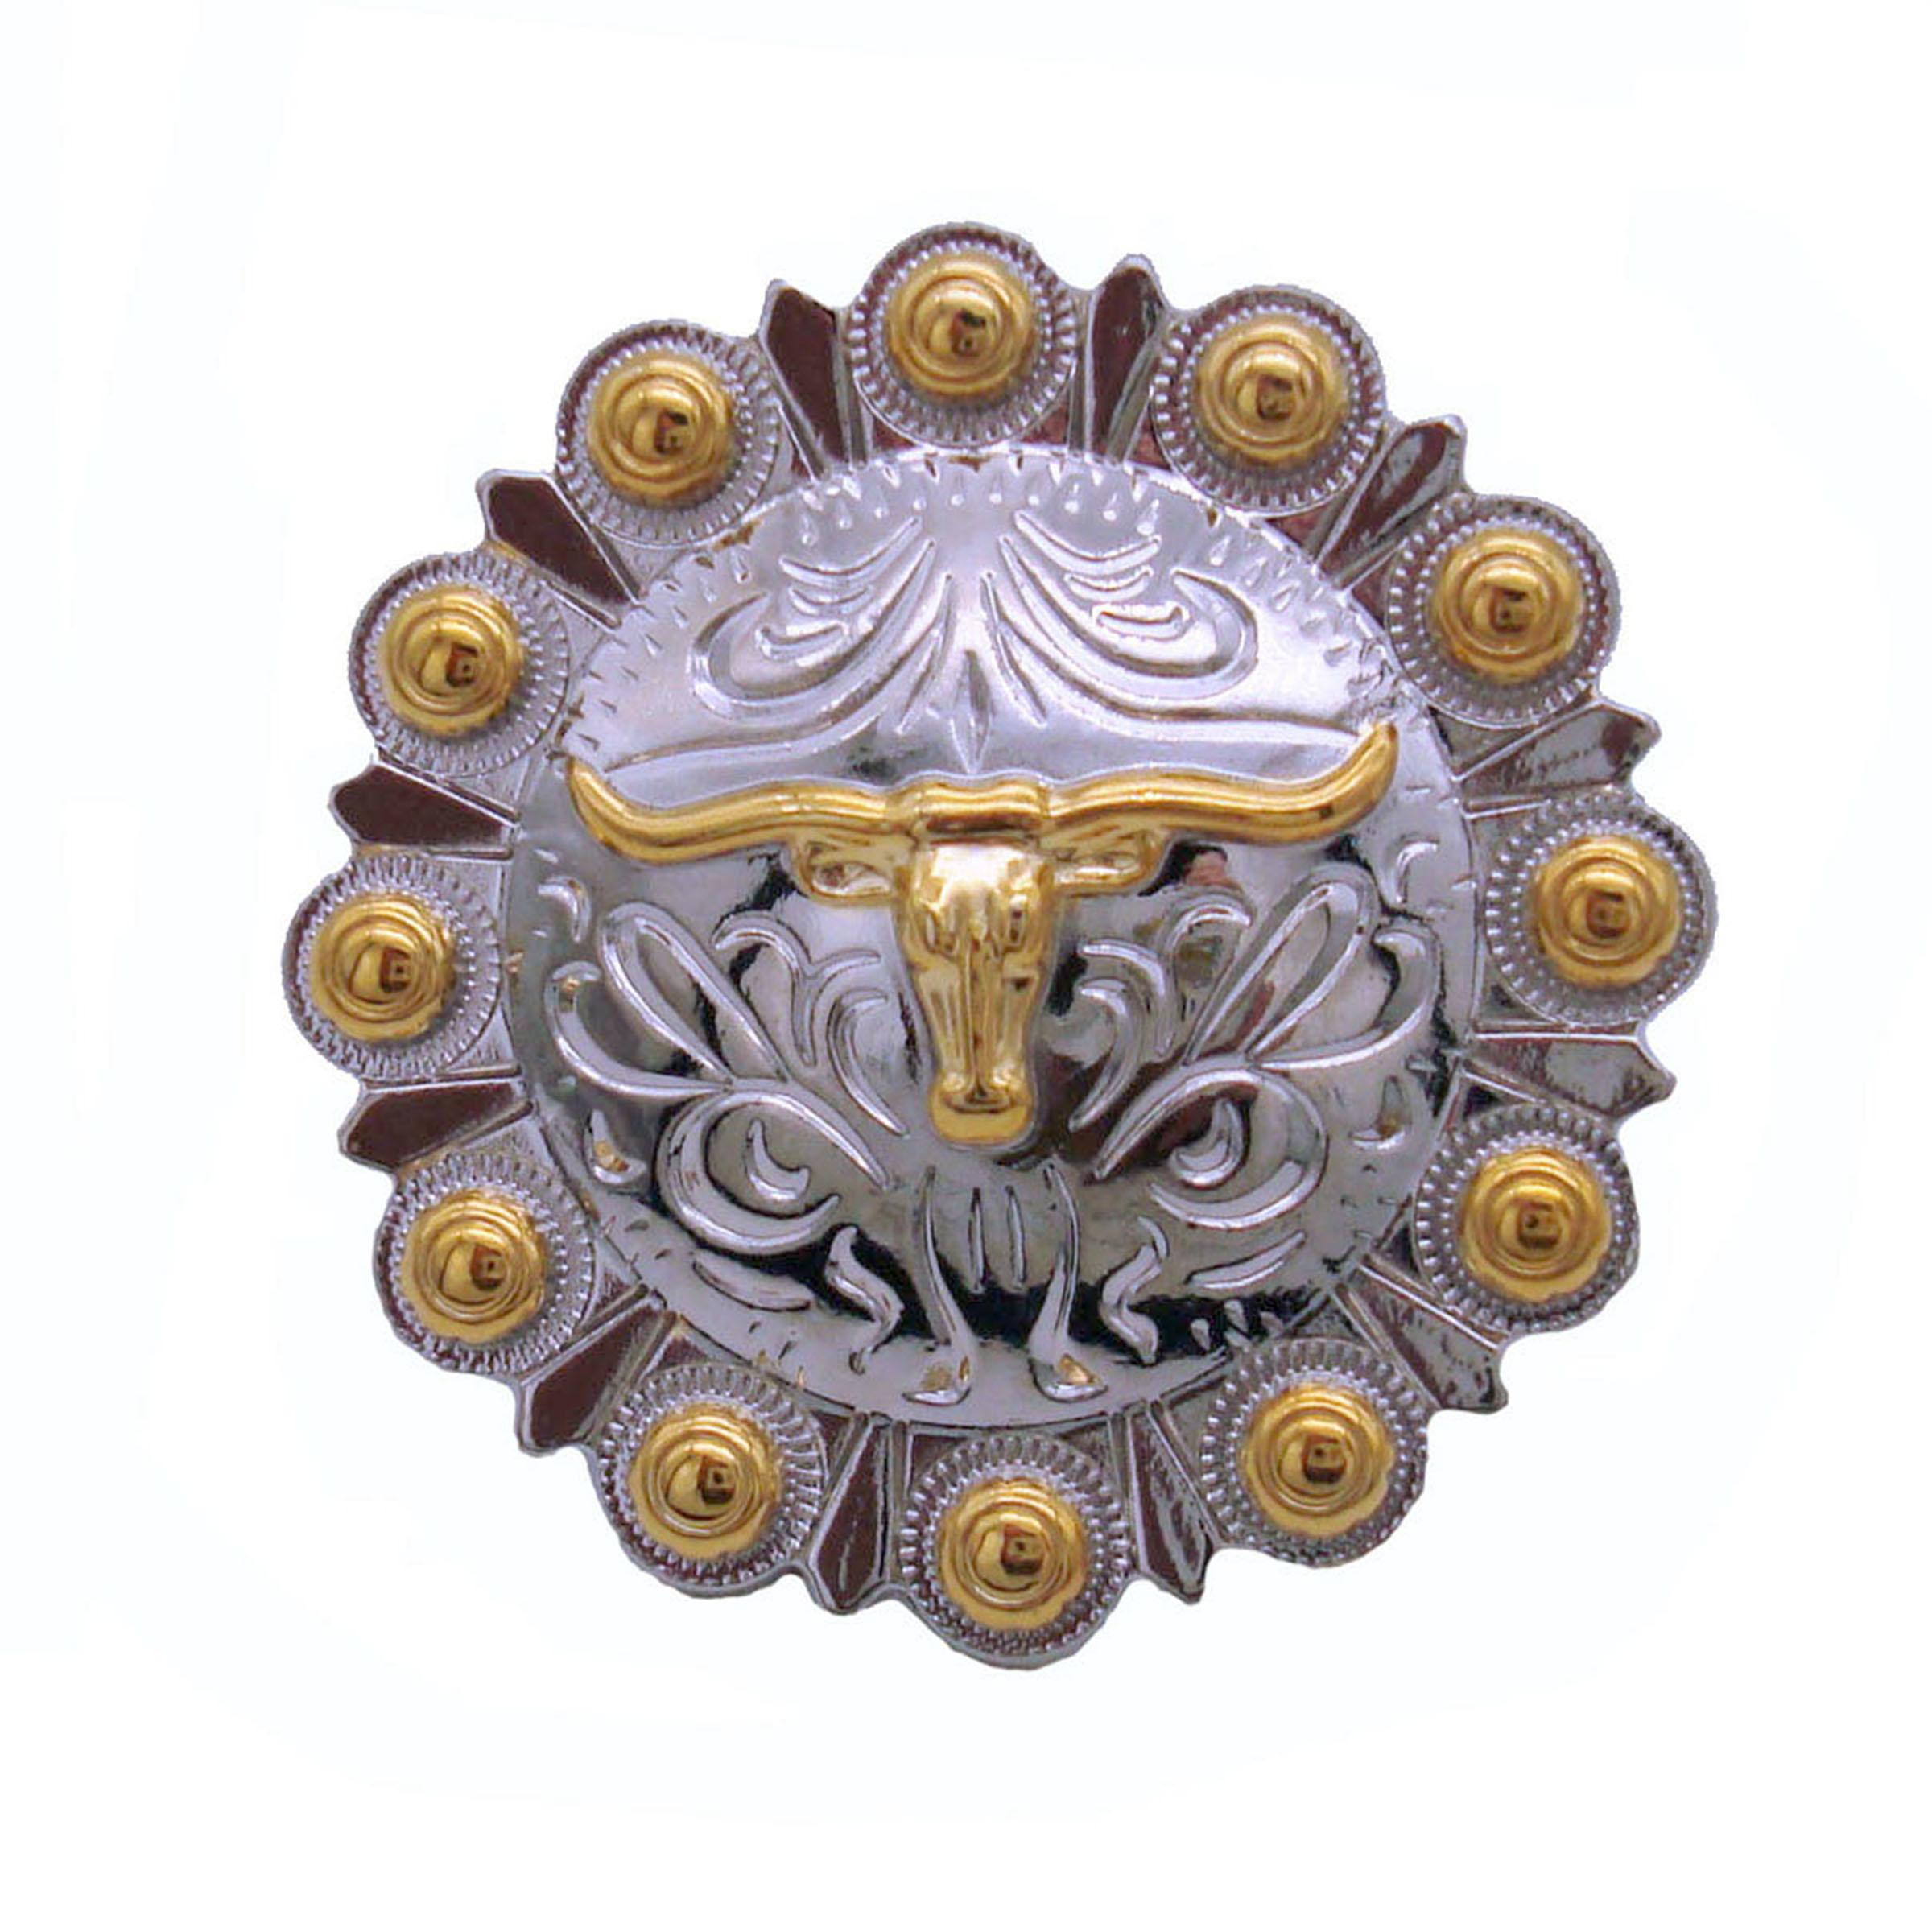 Steer in Round Knob, Nickel/Gold